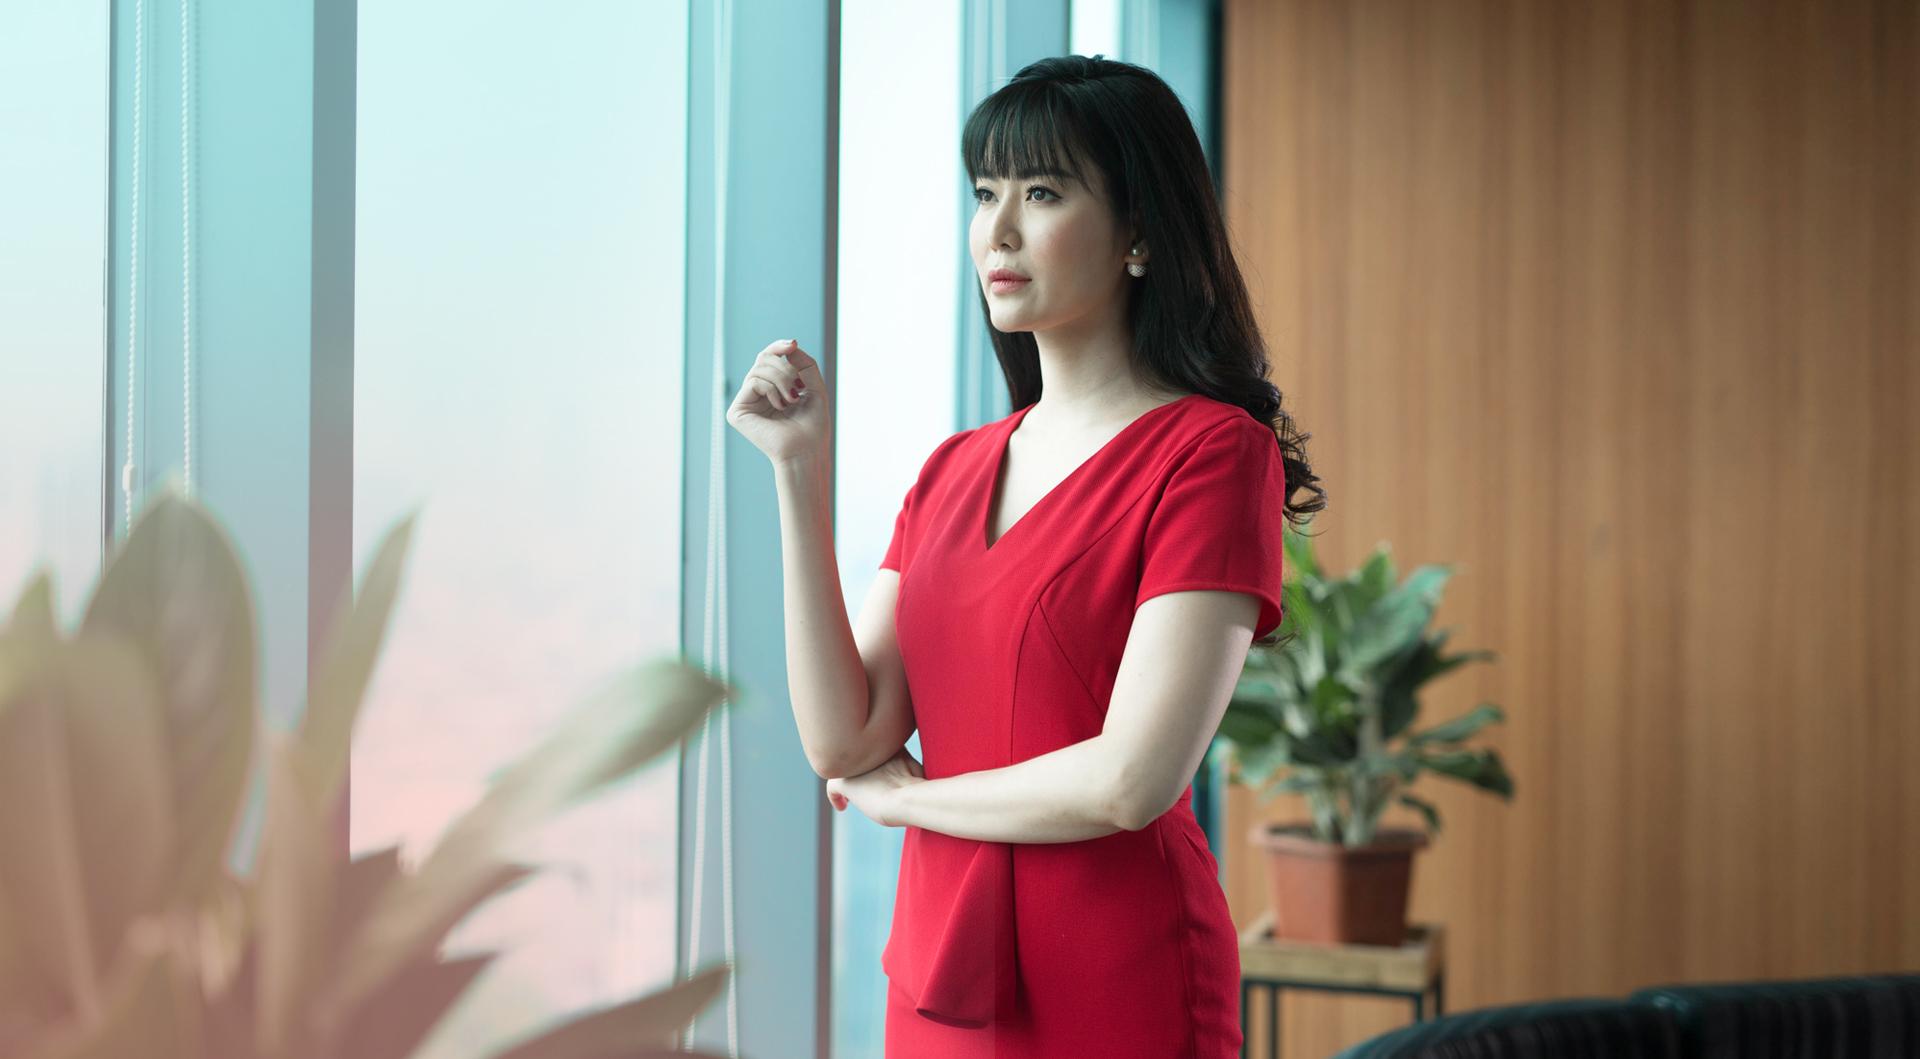 Hoa hậu Việt Nam 1994 Nguyễn Thu Thủy: Người ta nghĩ tôi có đại gia bơm tiền, chống lưng, kinh doanh chỉ để cho vui - Ảnh 10.